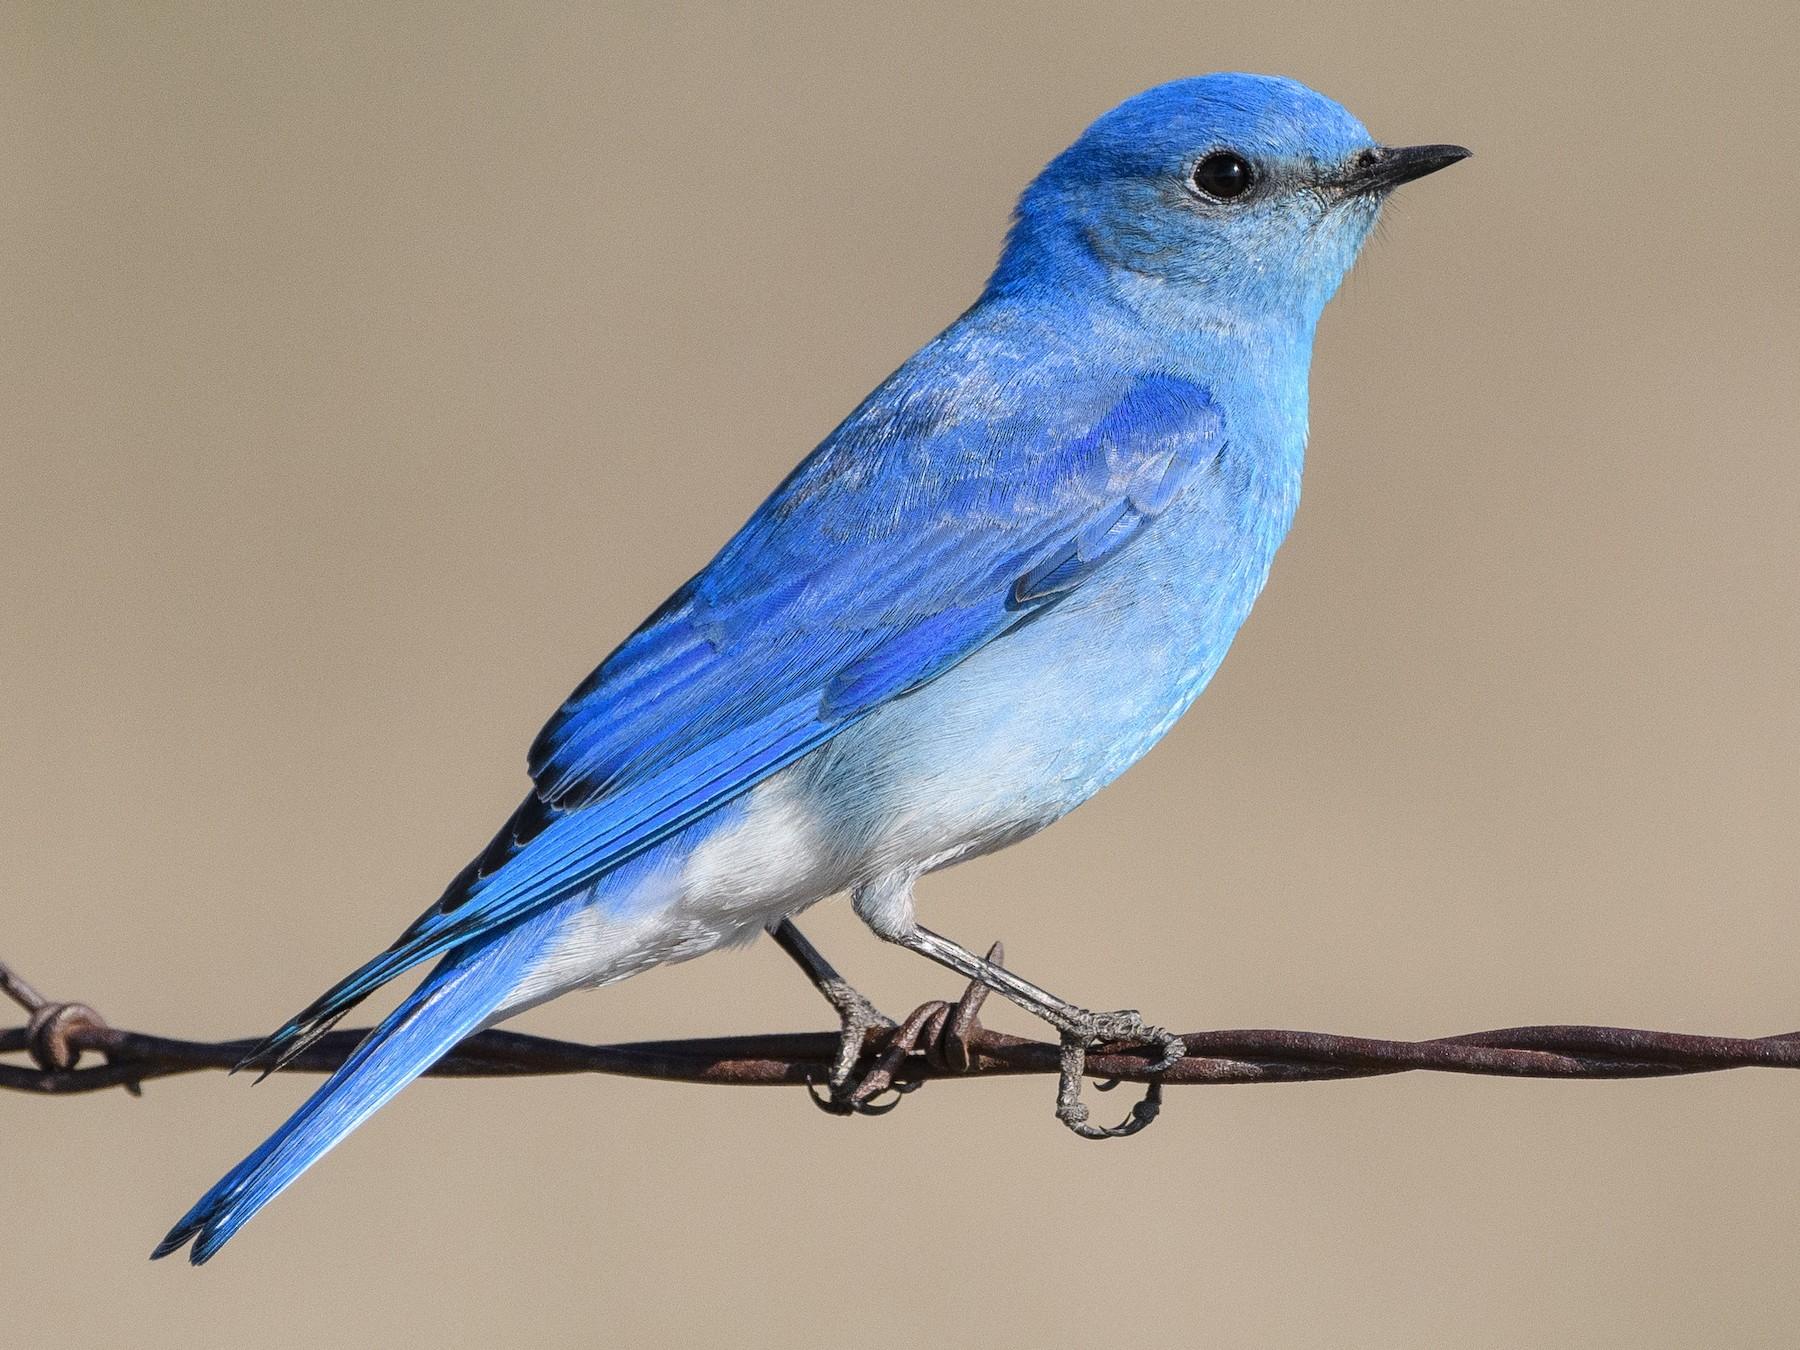 Mountain Bluebird - Darren Clark